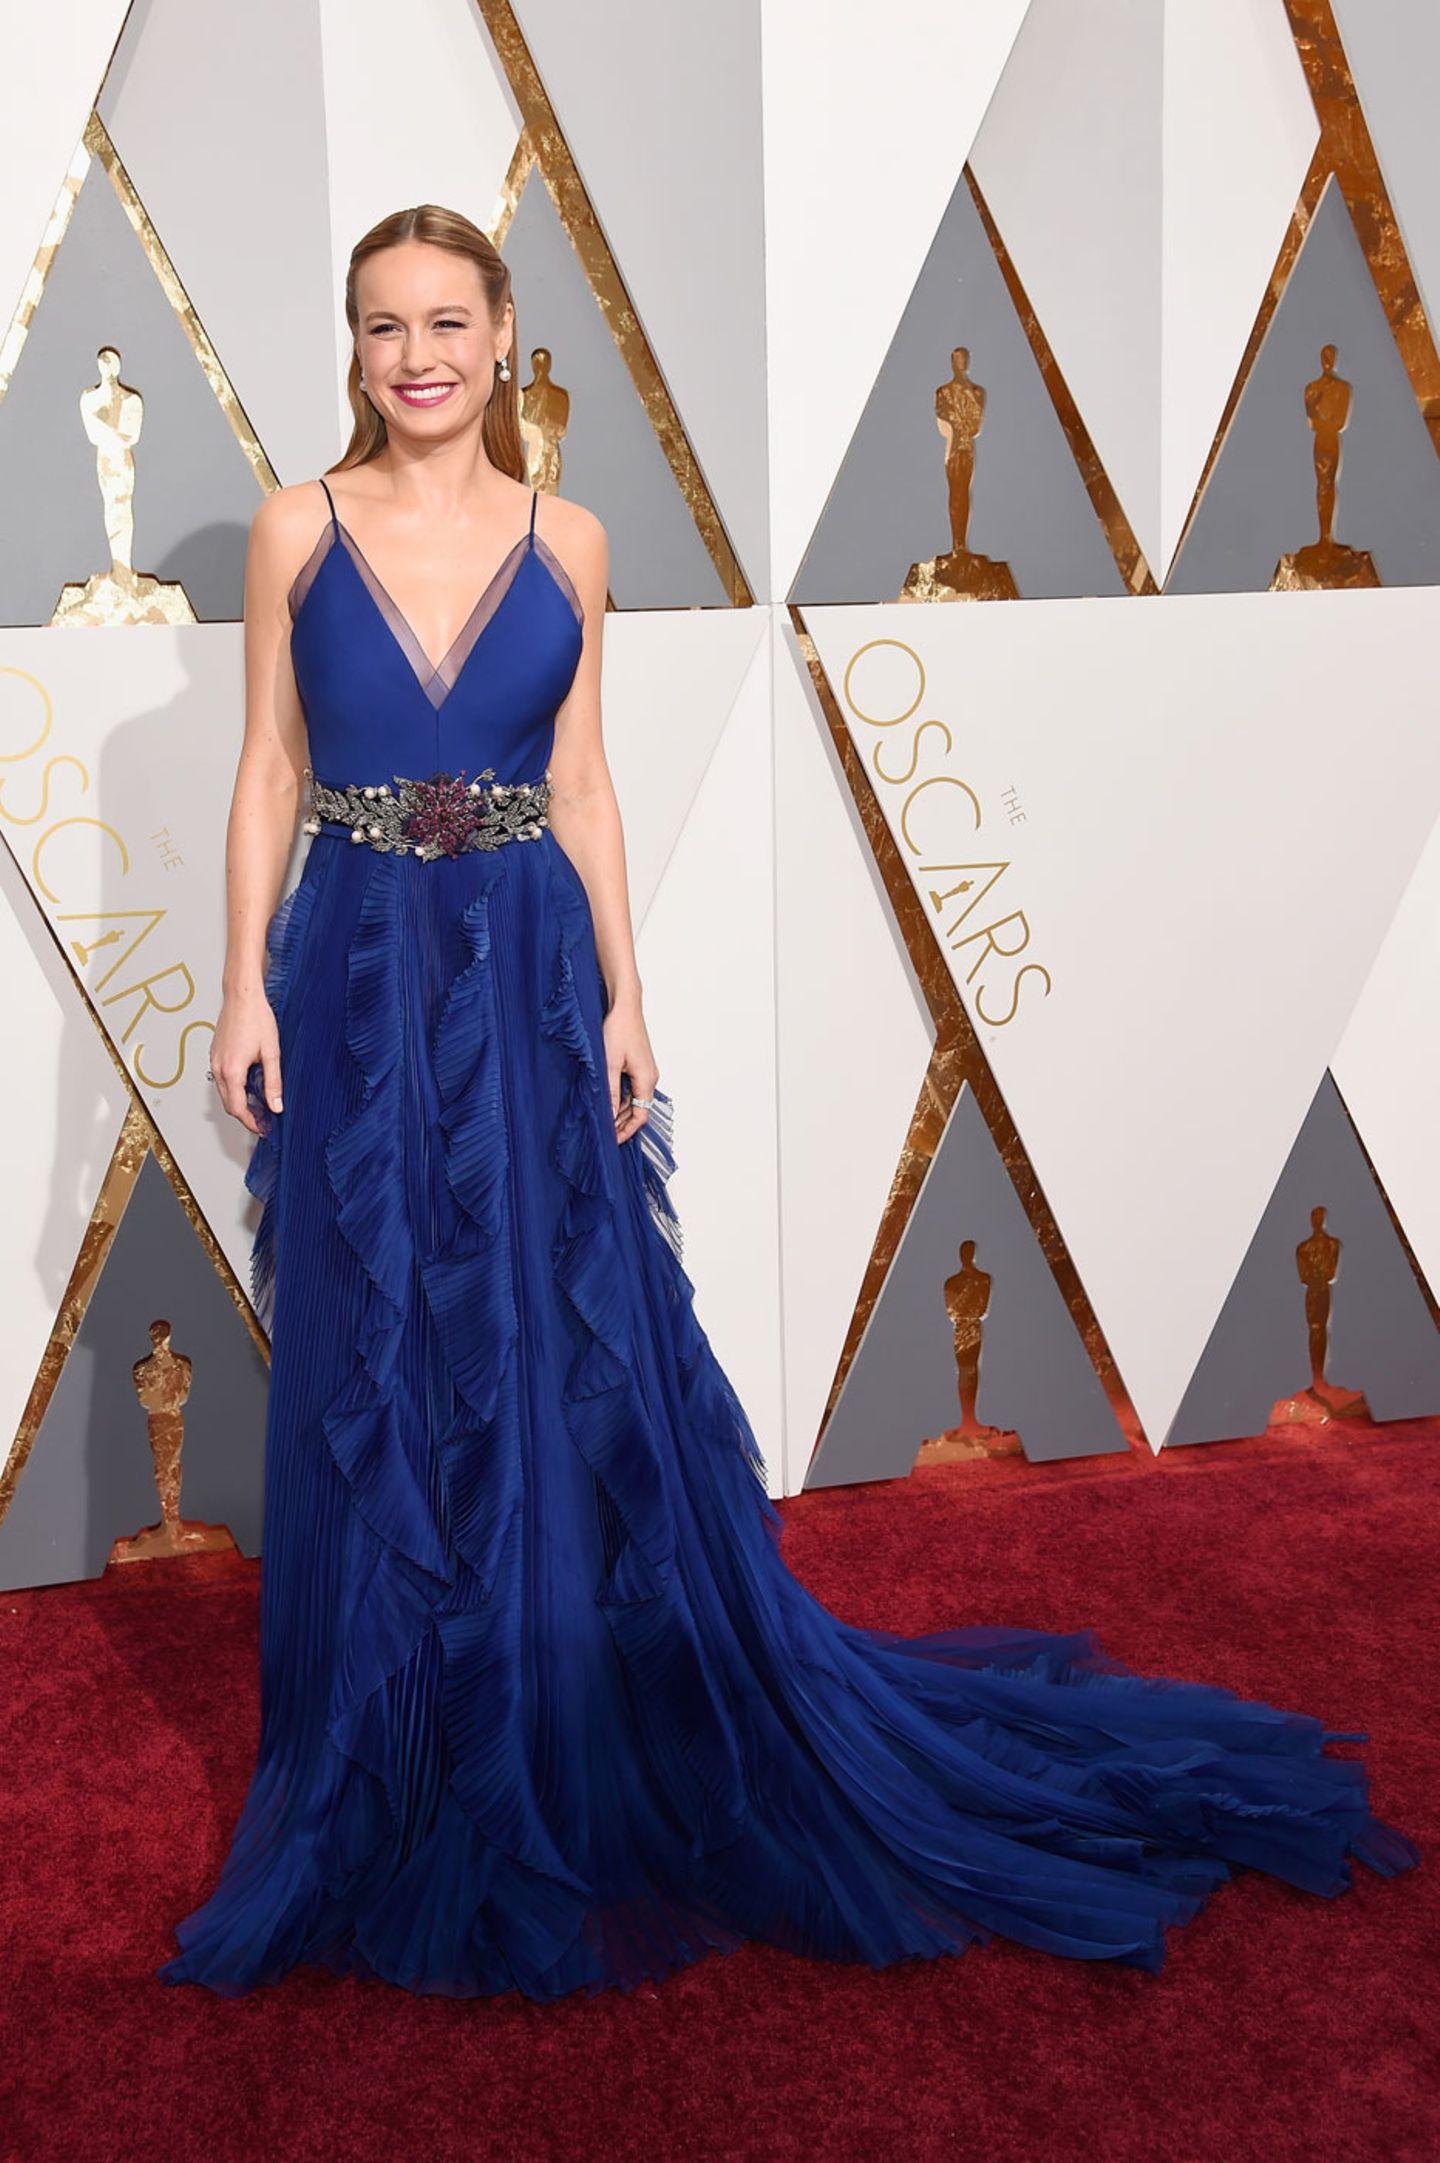 Oscars 2016: Brie Larson